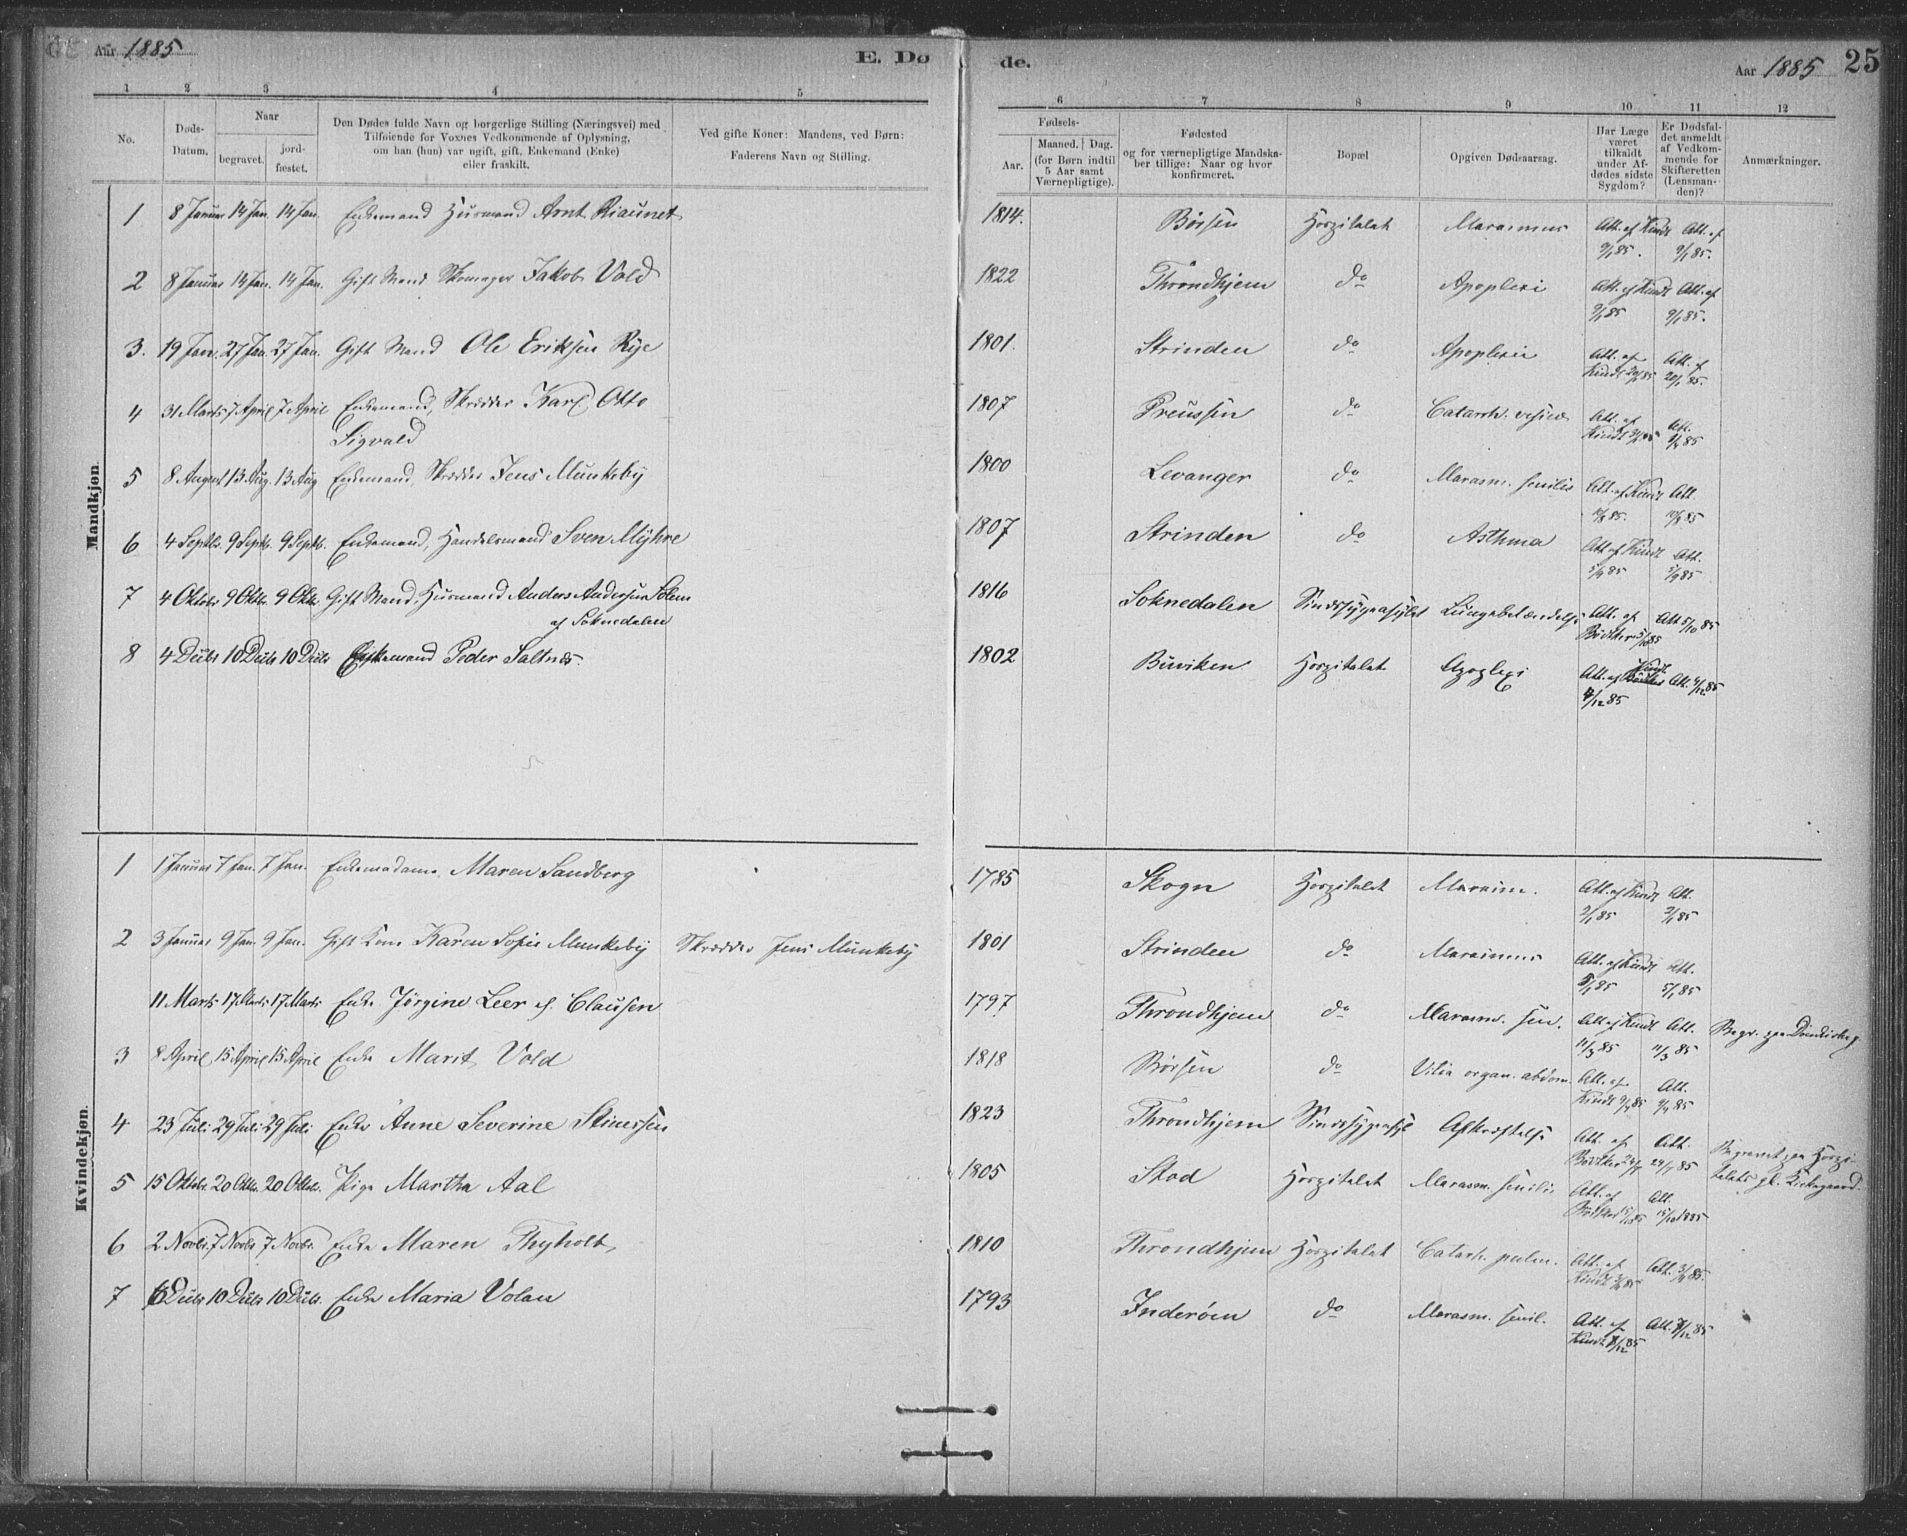 SAT, Ministerialprotokoller, klokkerbøker og fødselsregistre - Sør-Trøndelag, 623/L0470: Ministerialbok nr. 623A04, 1884-1938, s. 25